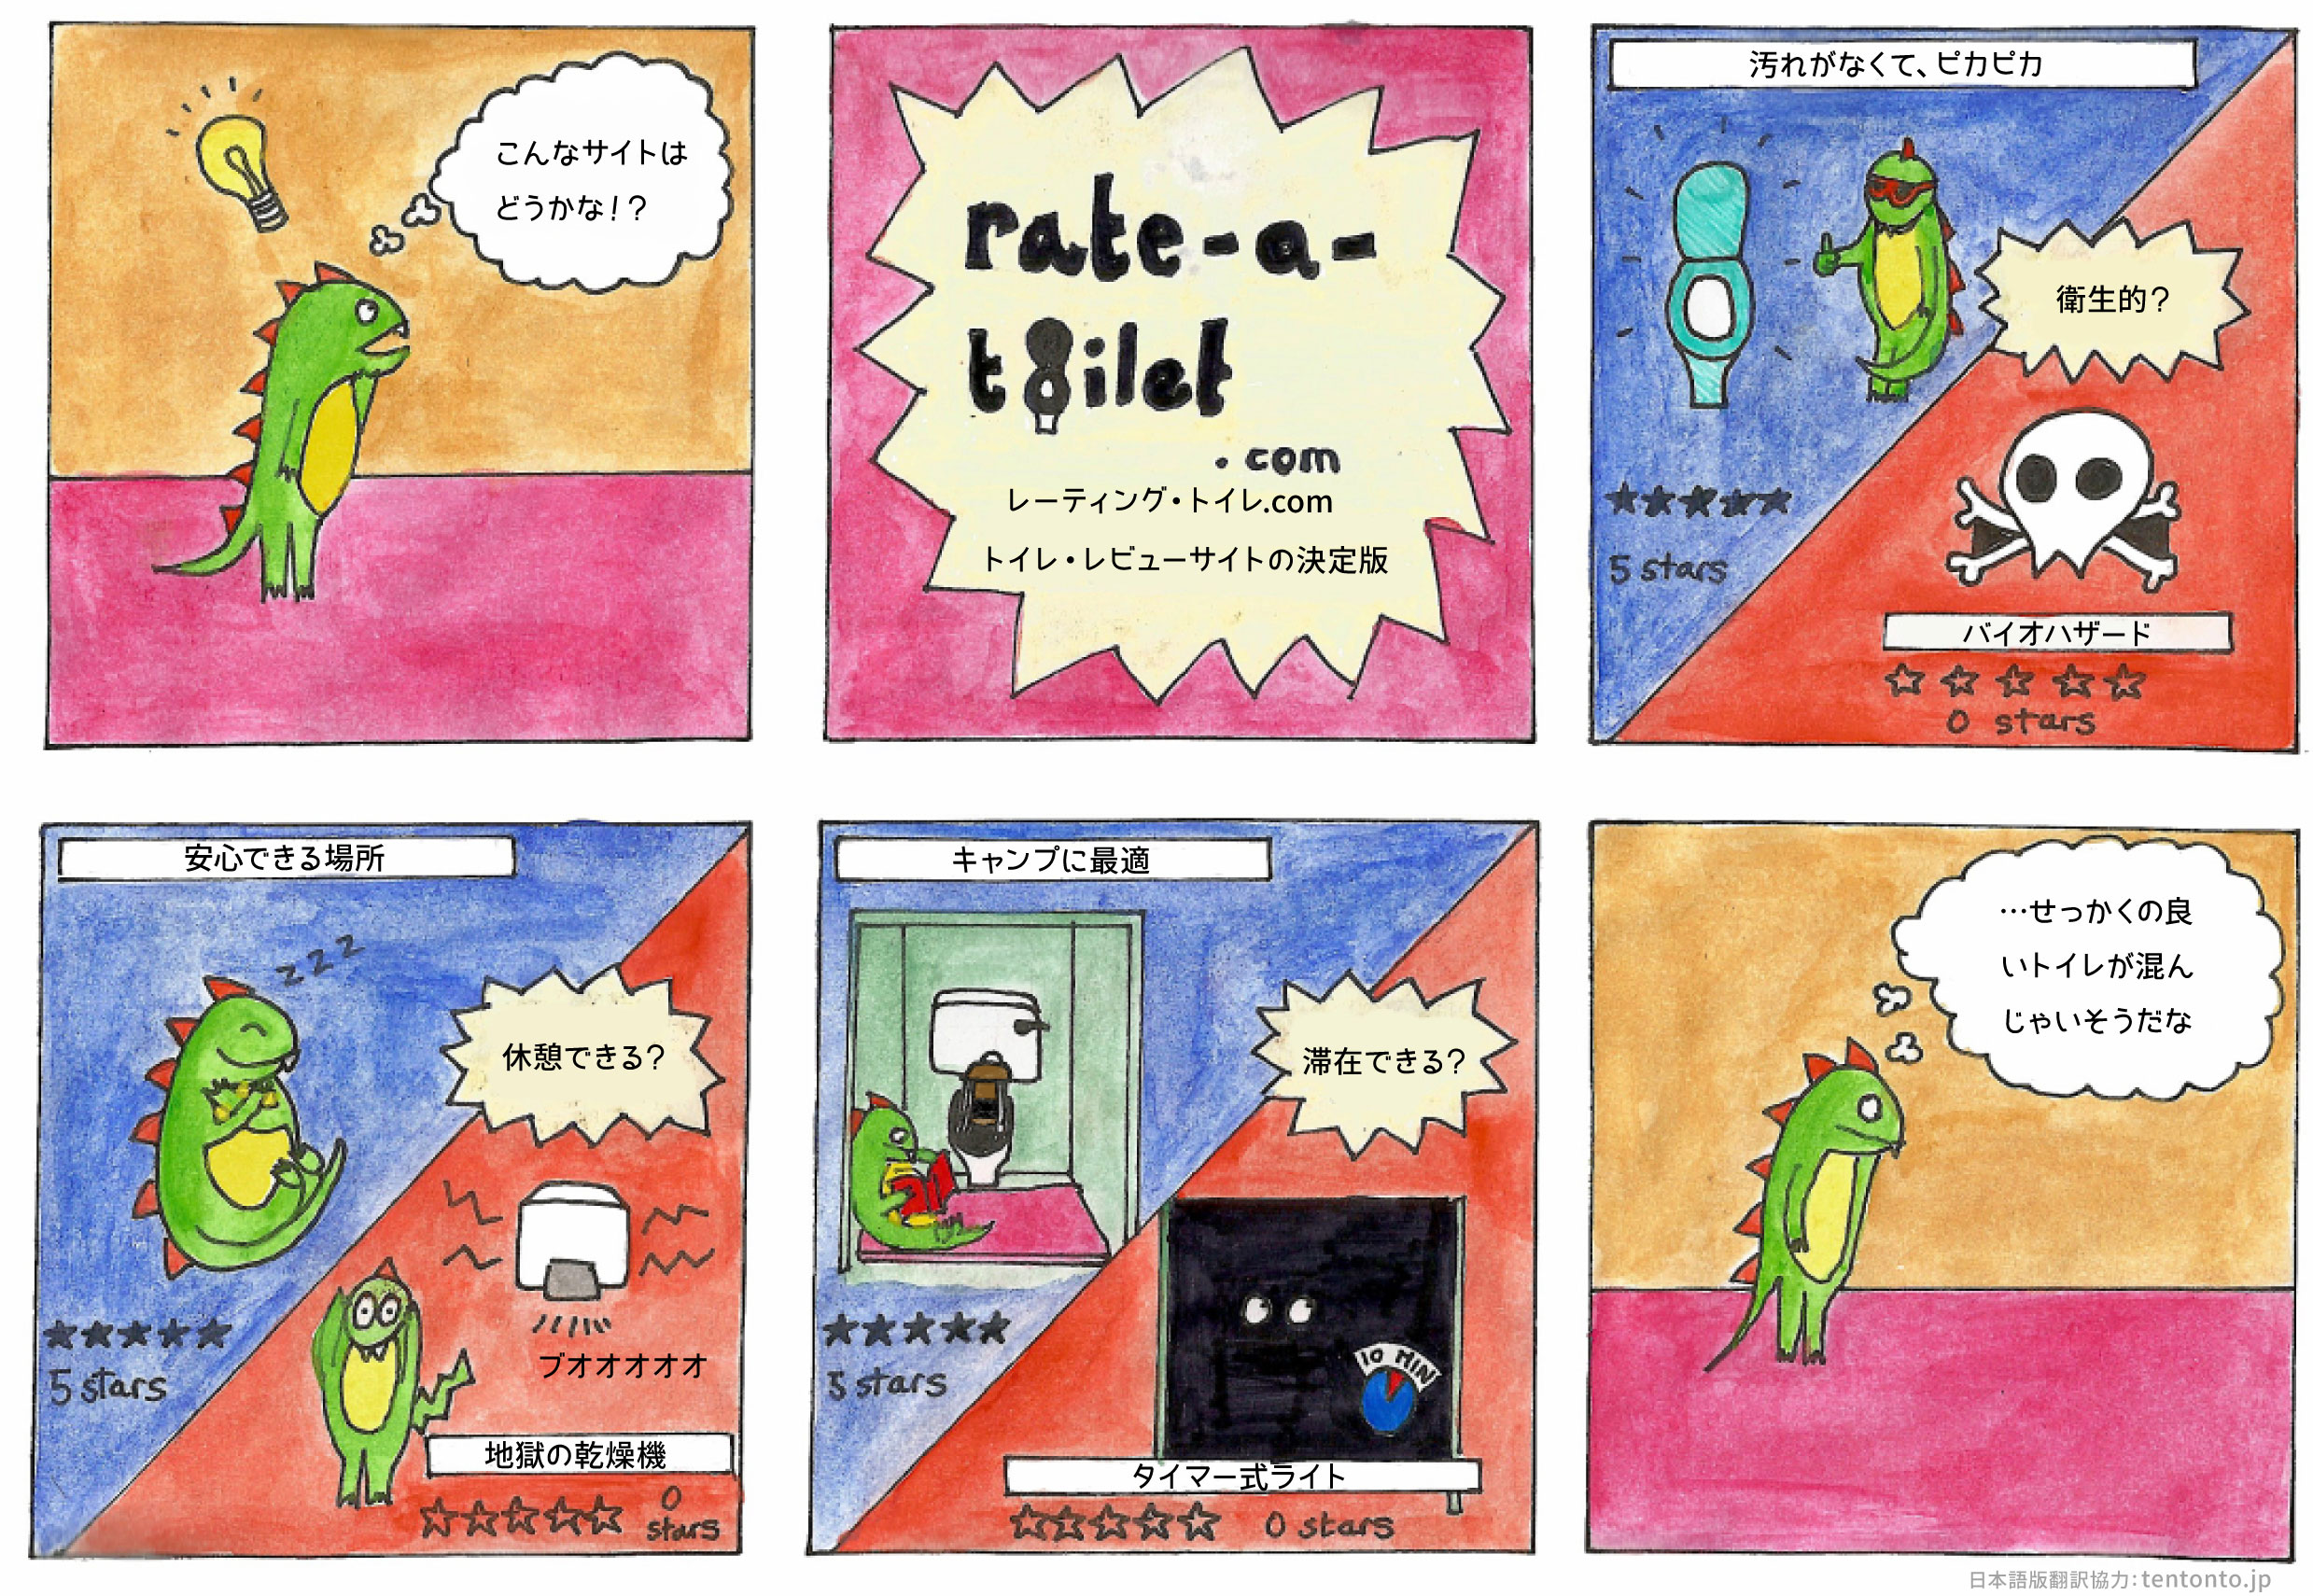 toilets-2-dinah-tentonto-comic